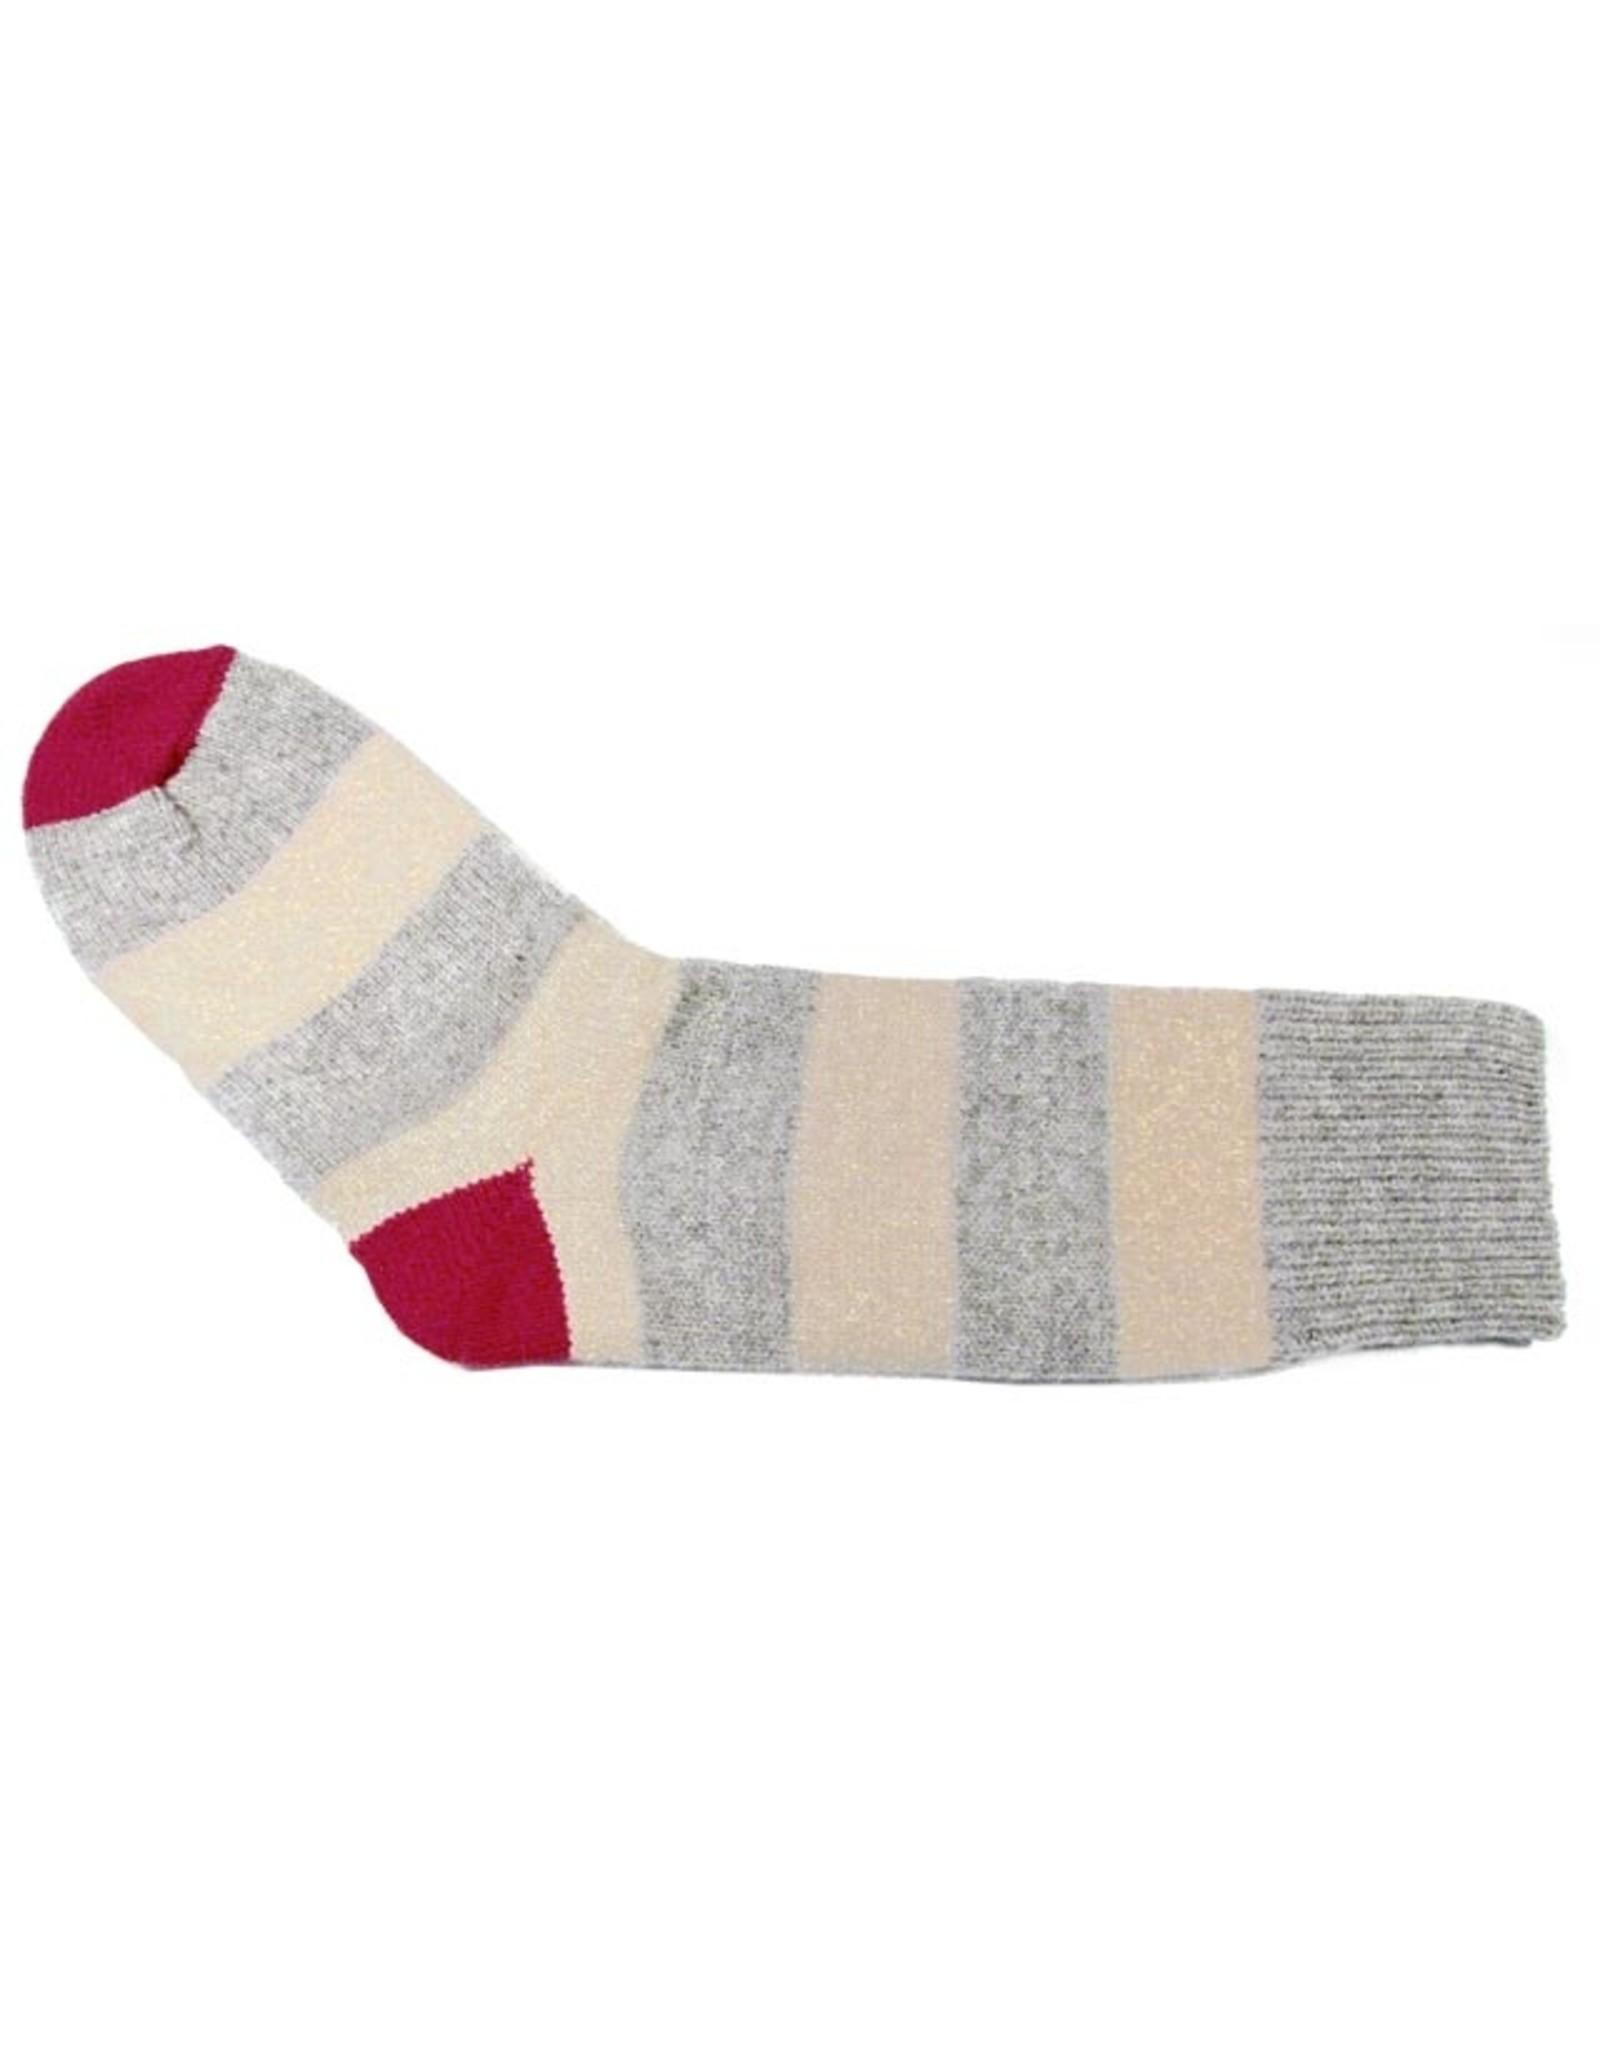 Bas de laine & mot coquin - Bas Le gentil (Gris/Beige et Rouge)